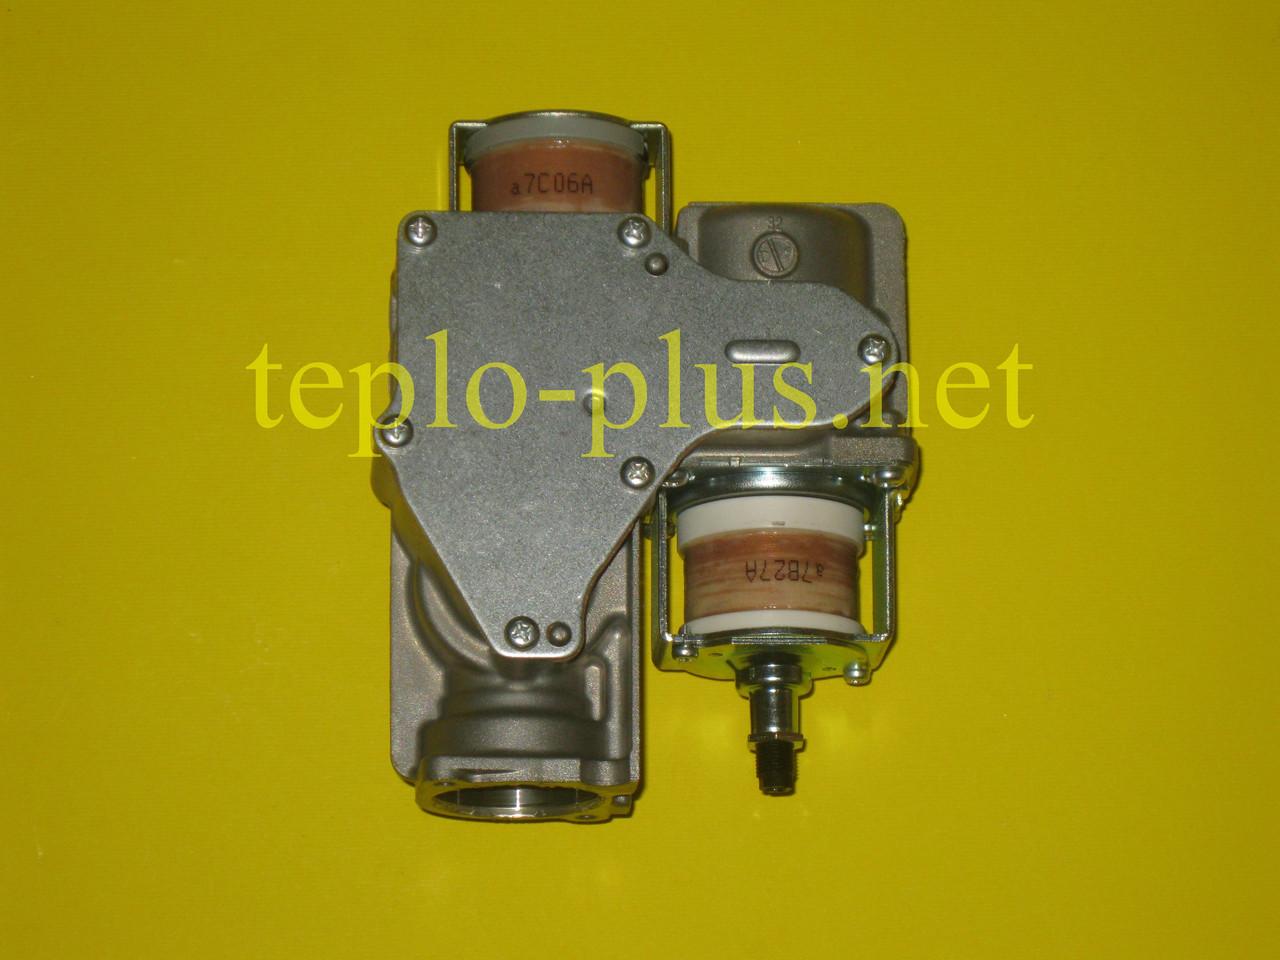 Газовий клапан (арматура газова) в зборі BH0901004A Navien Ace ATMO 13-24kw, TURBO 13-40kw, TURBO Coaxial, фото 2